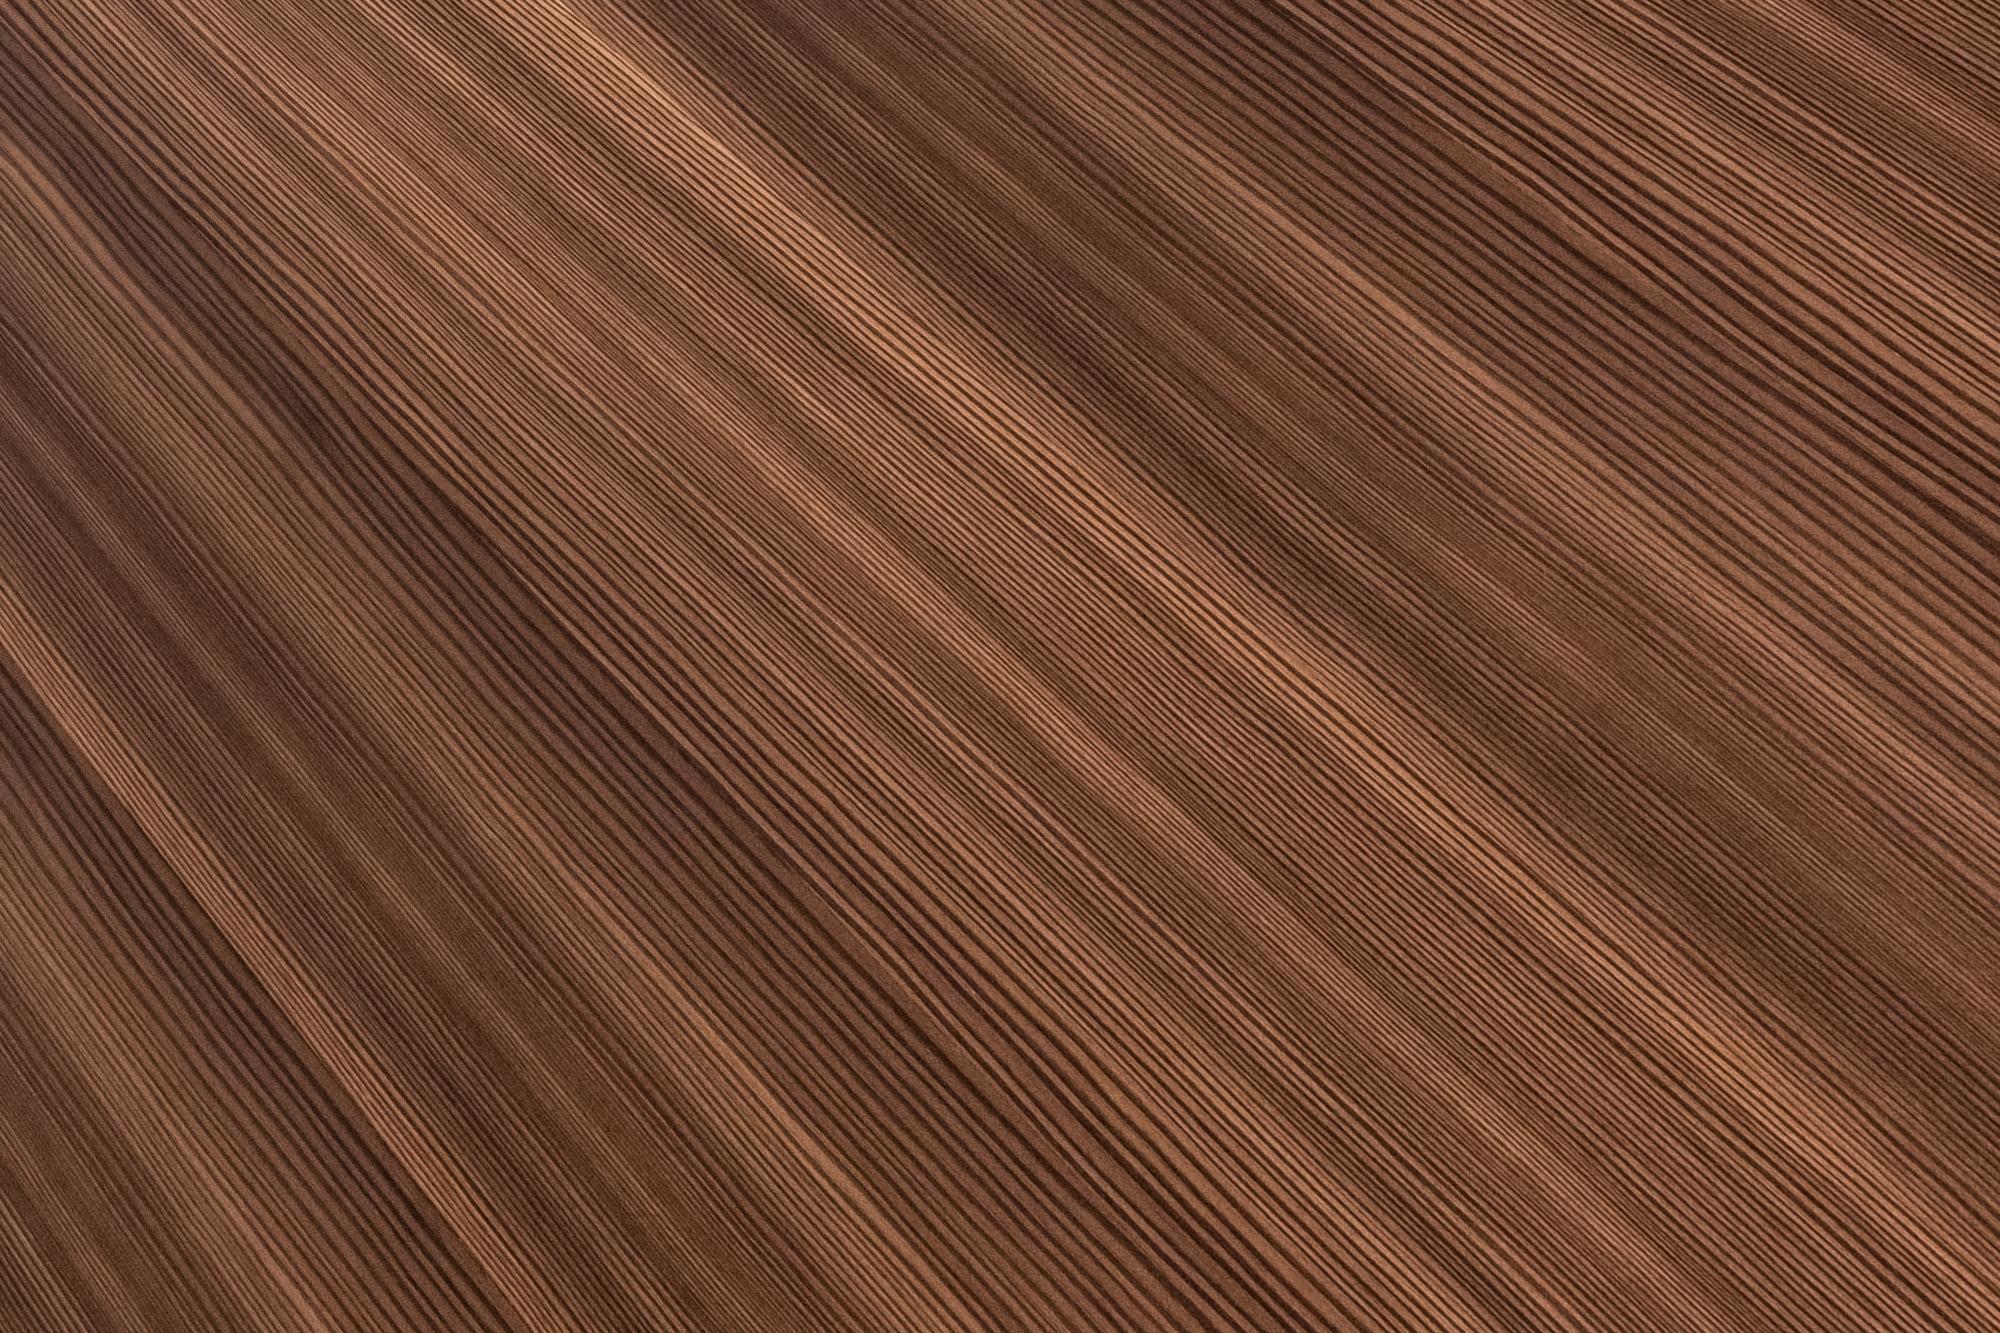 M2018 012AD